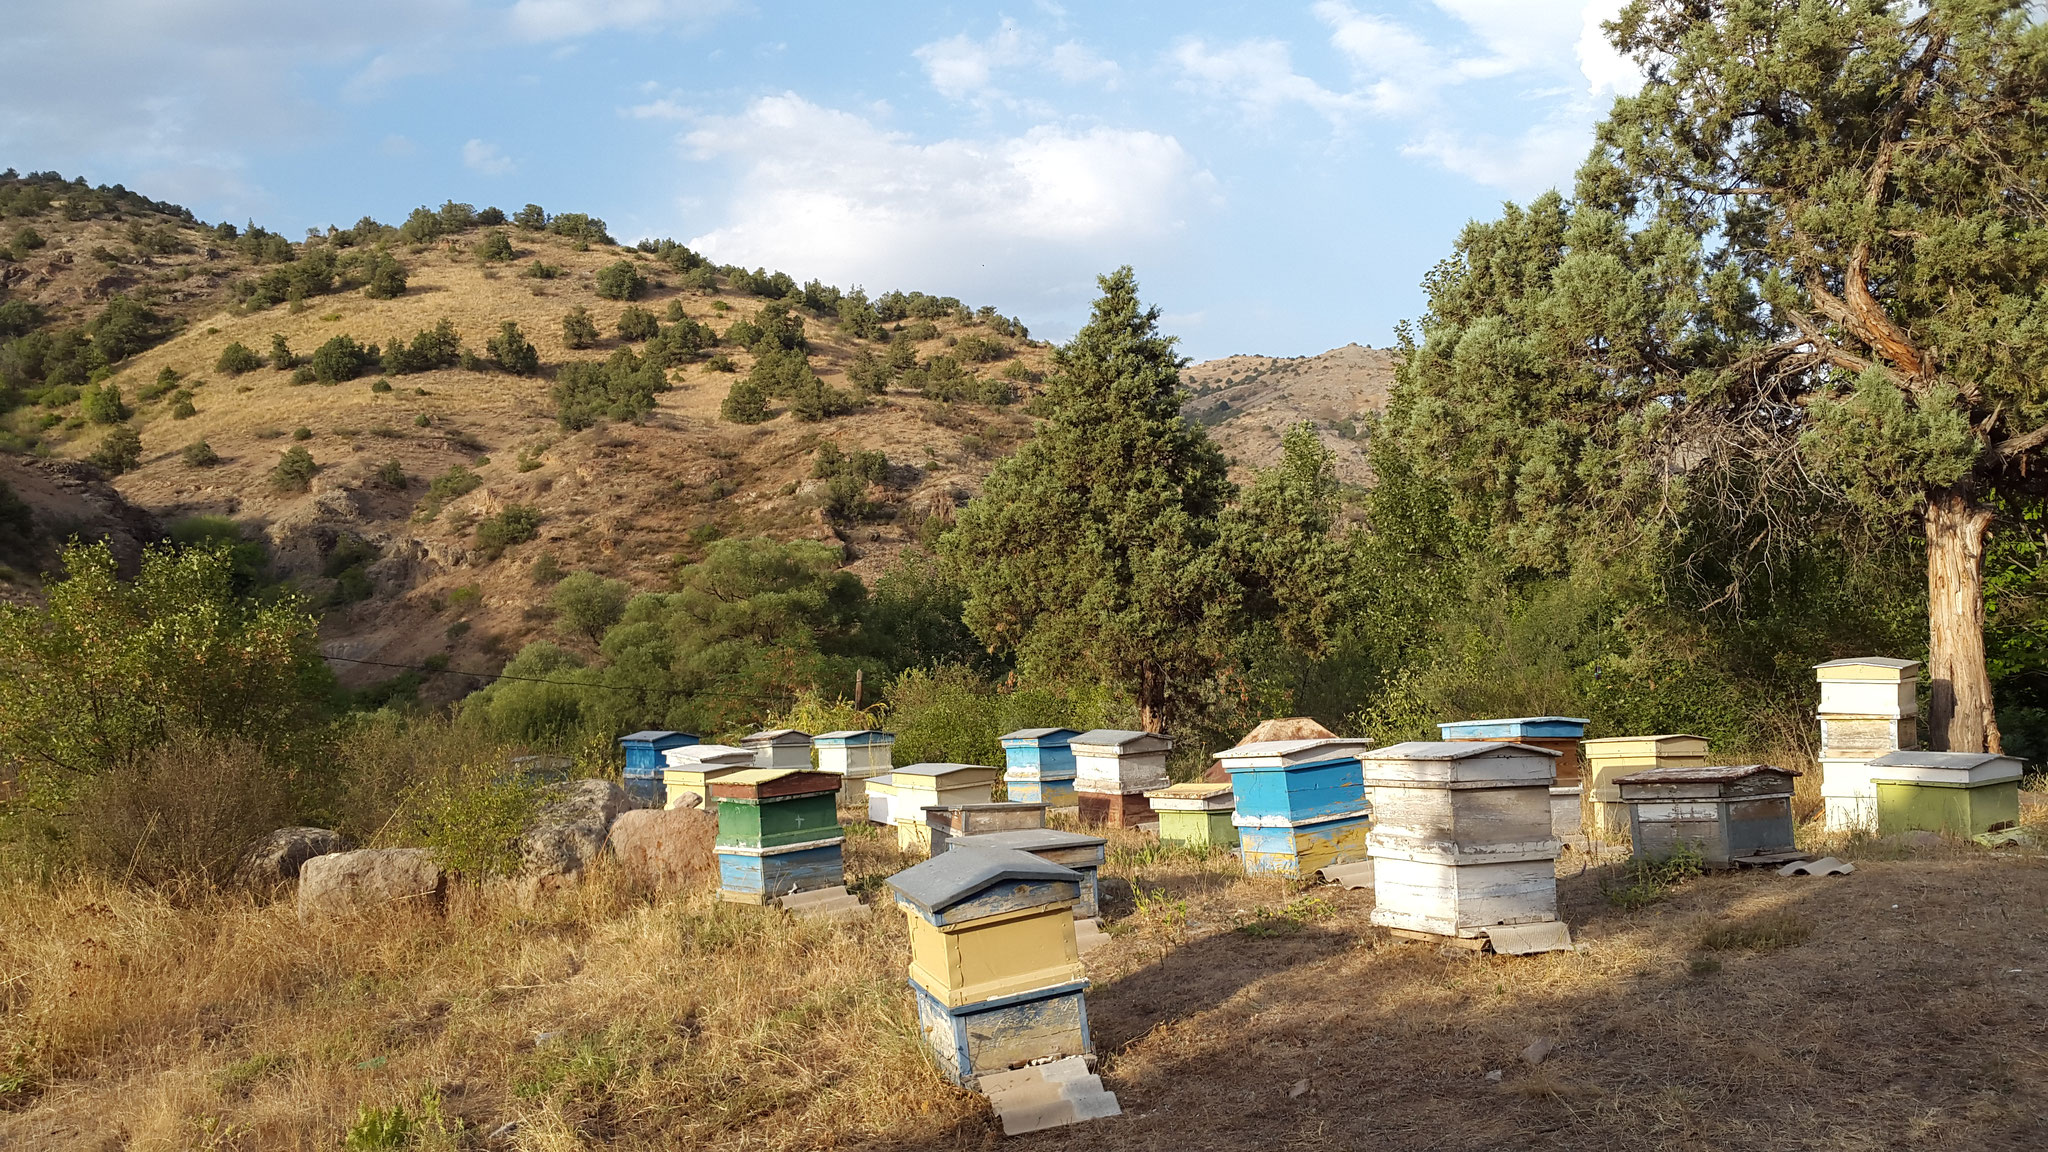 Und zur Abwechslung noch ordentlich-bunte Bienenstöcke